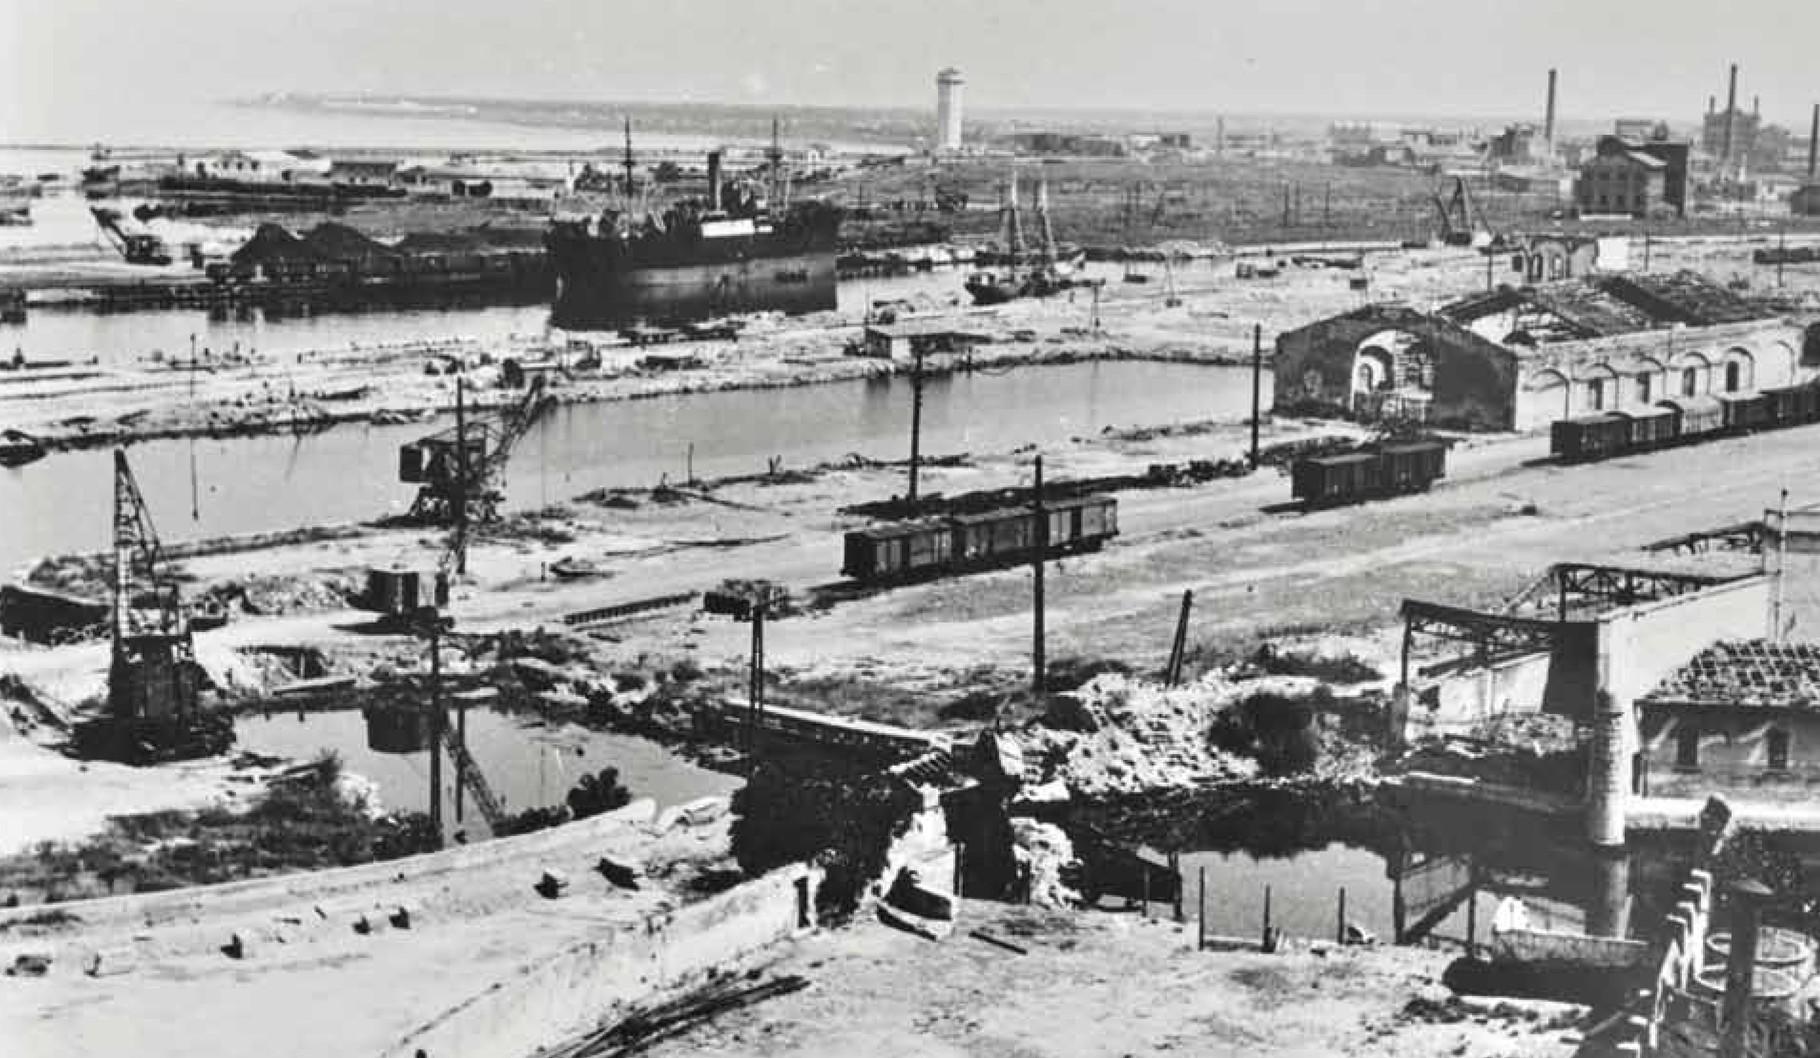 L'area della stazione dopo i bombardamenti